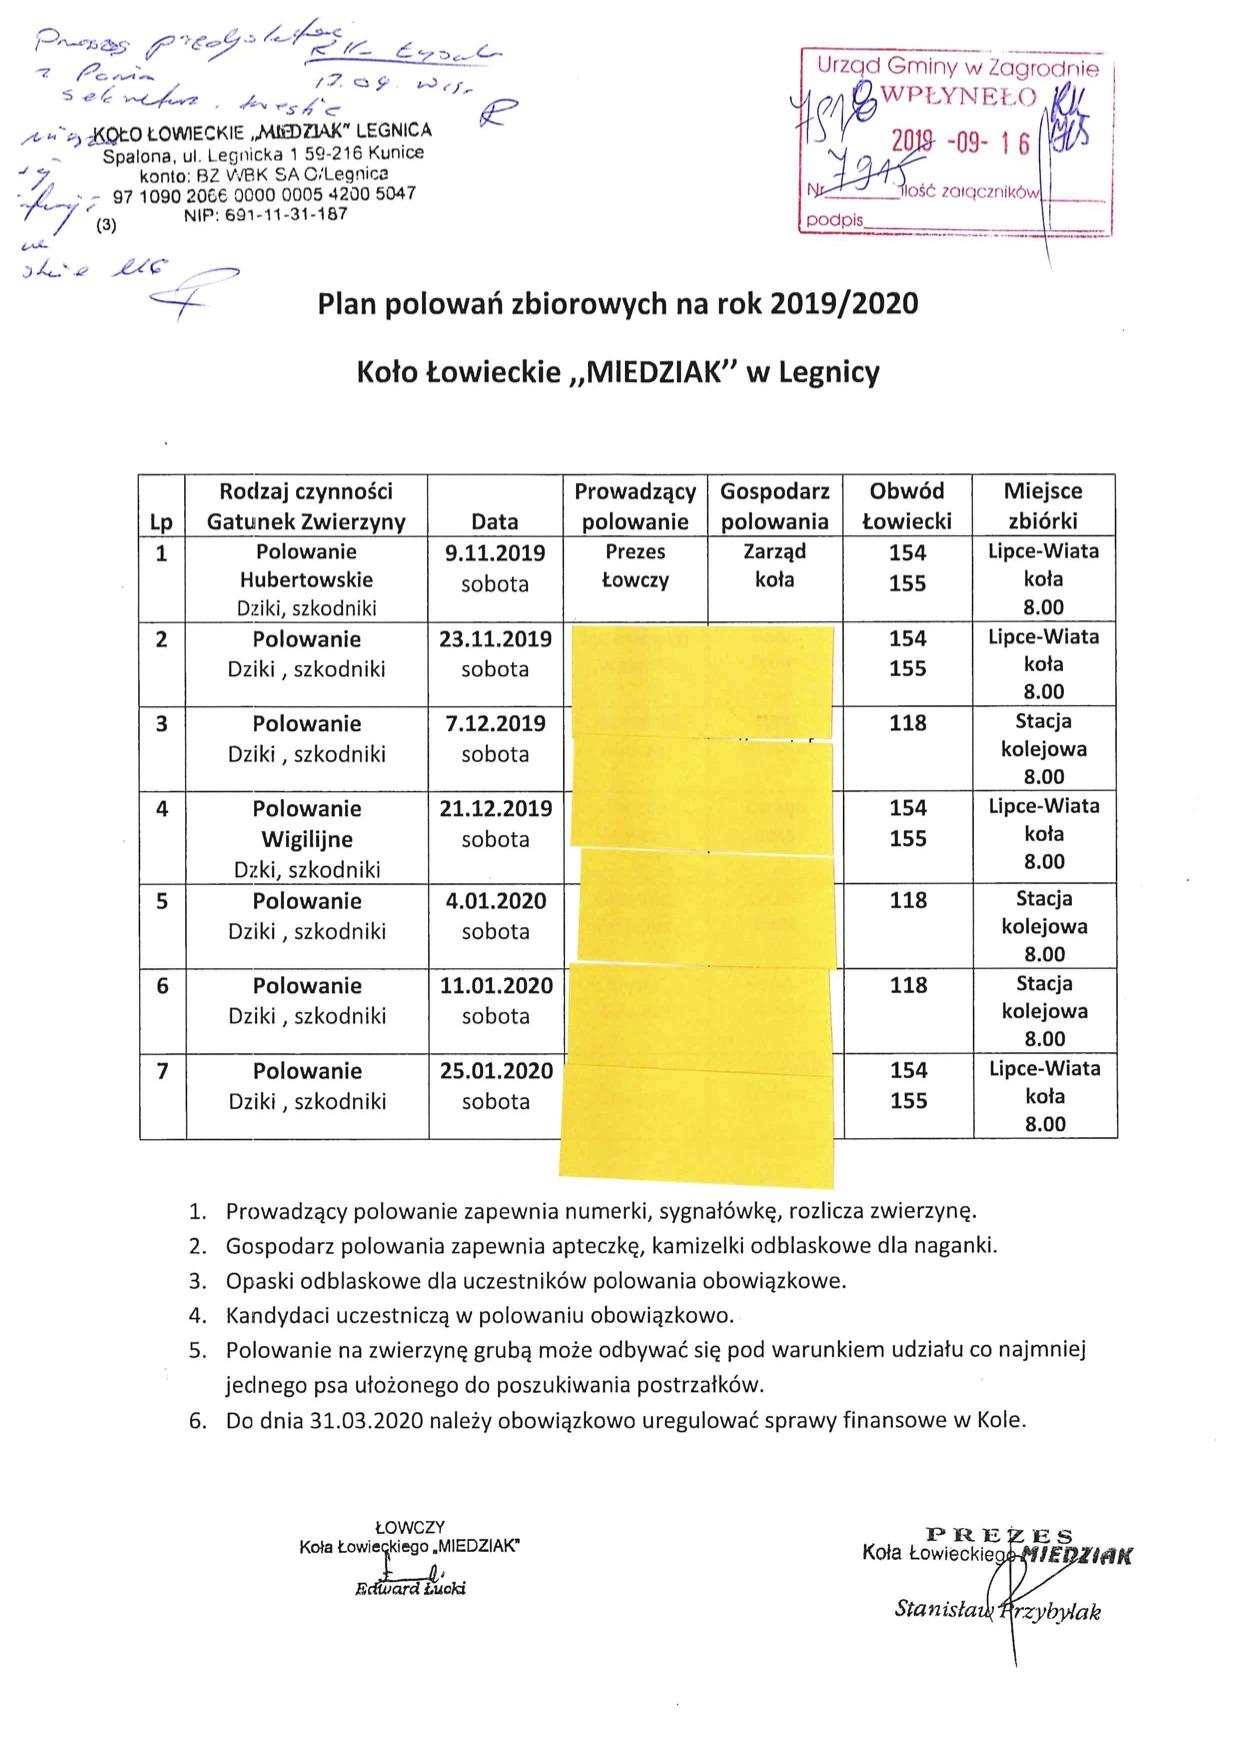 Plan polowań zbiorowych na rok 2019/2020